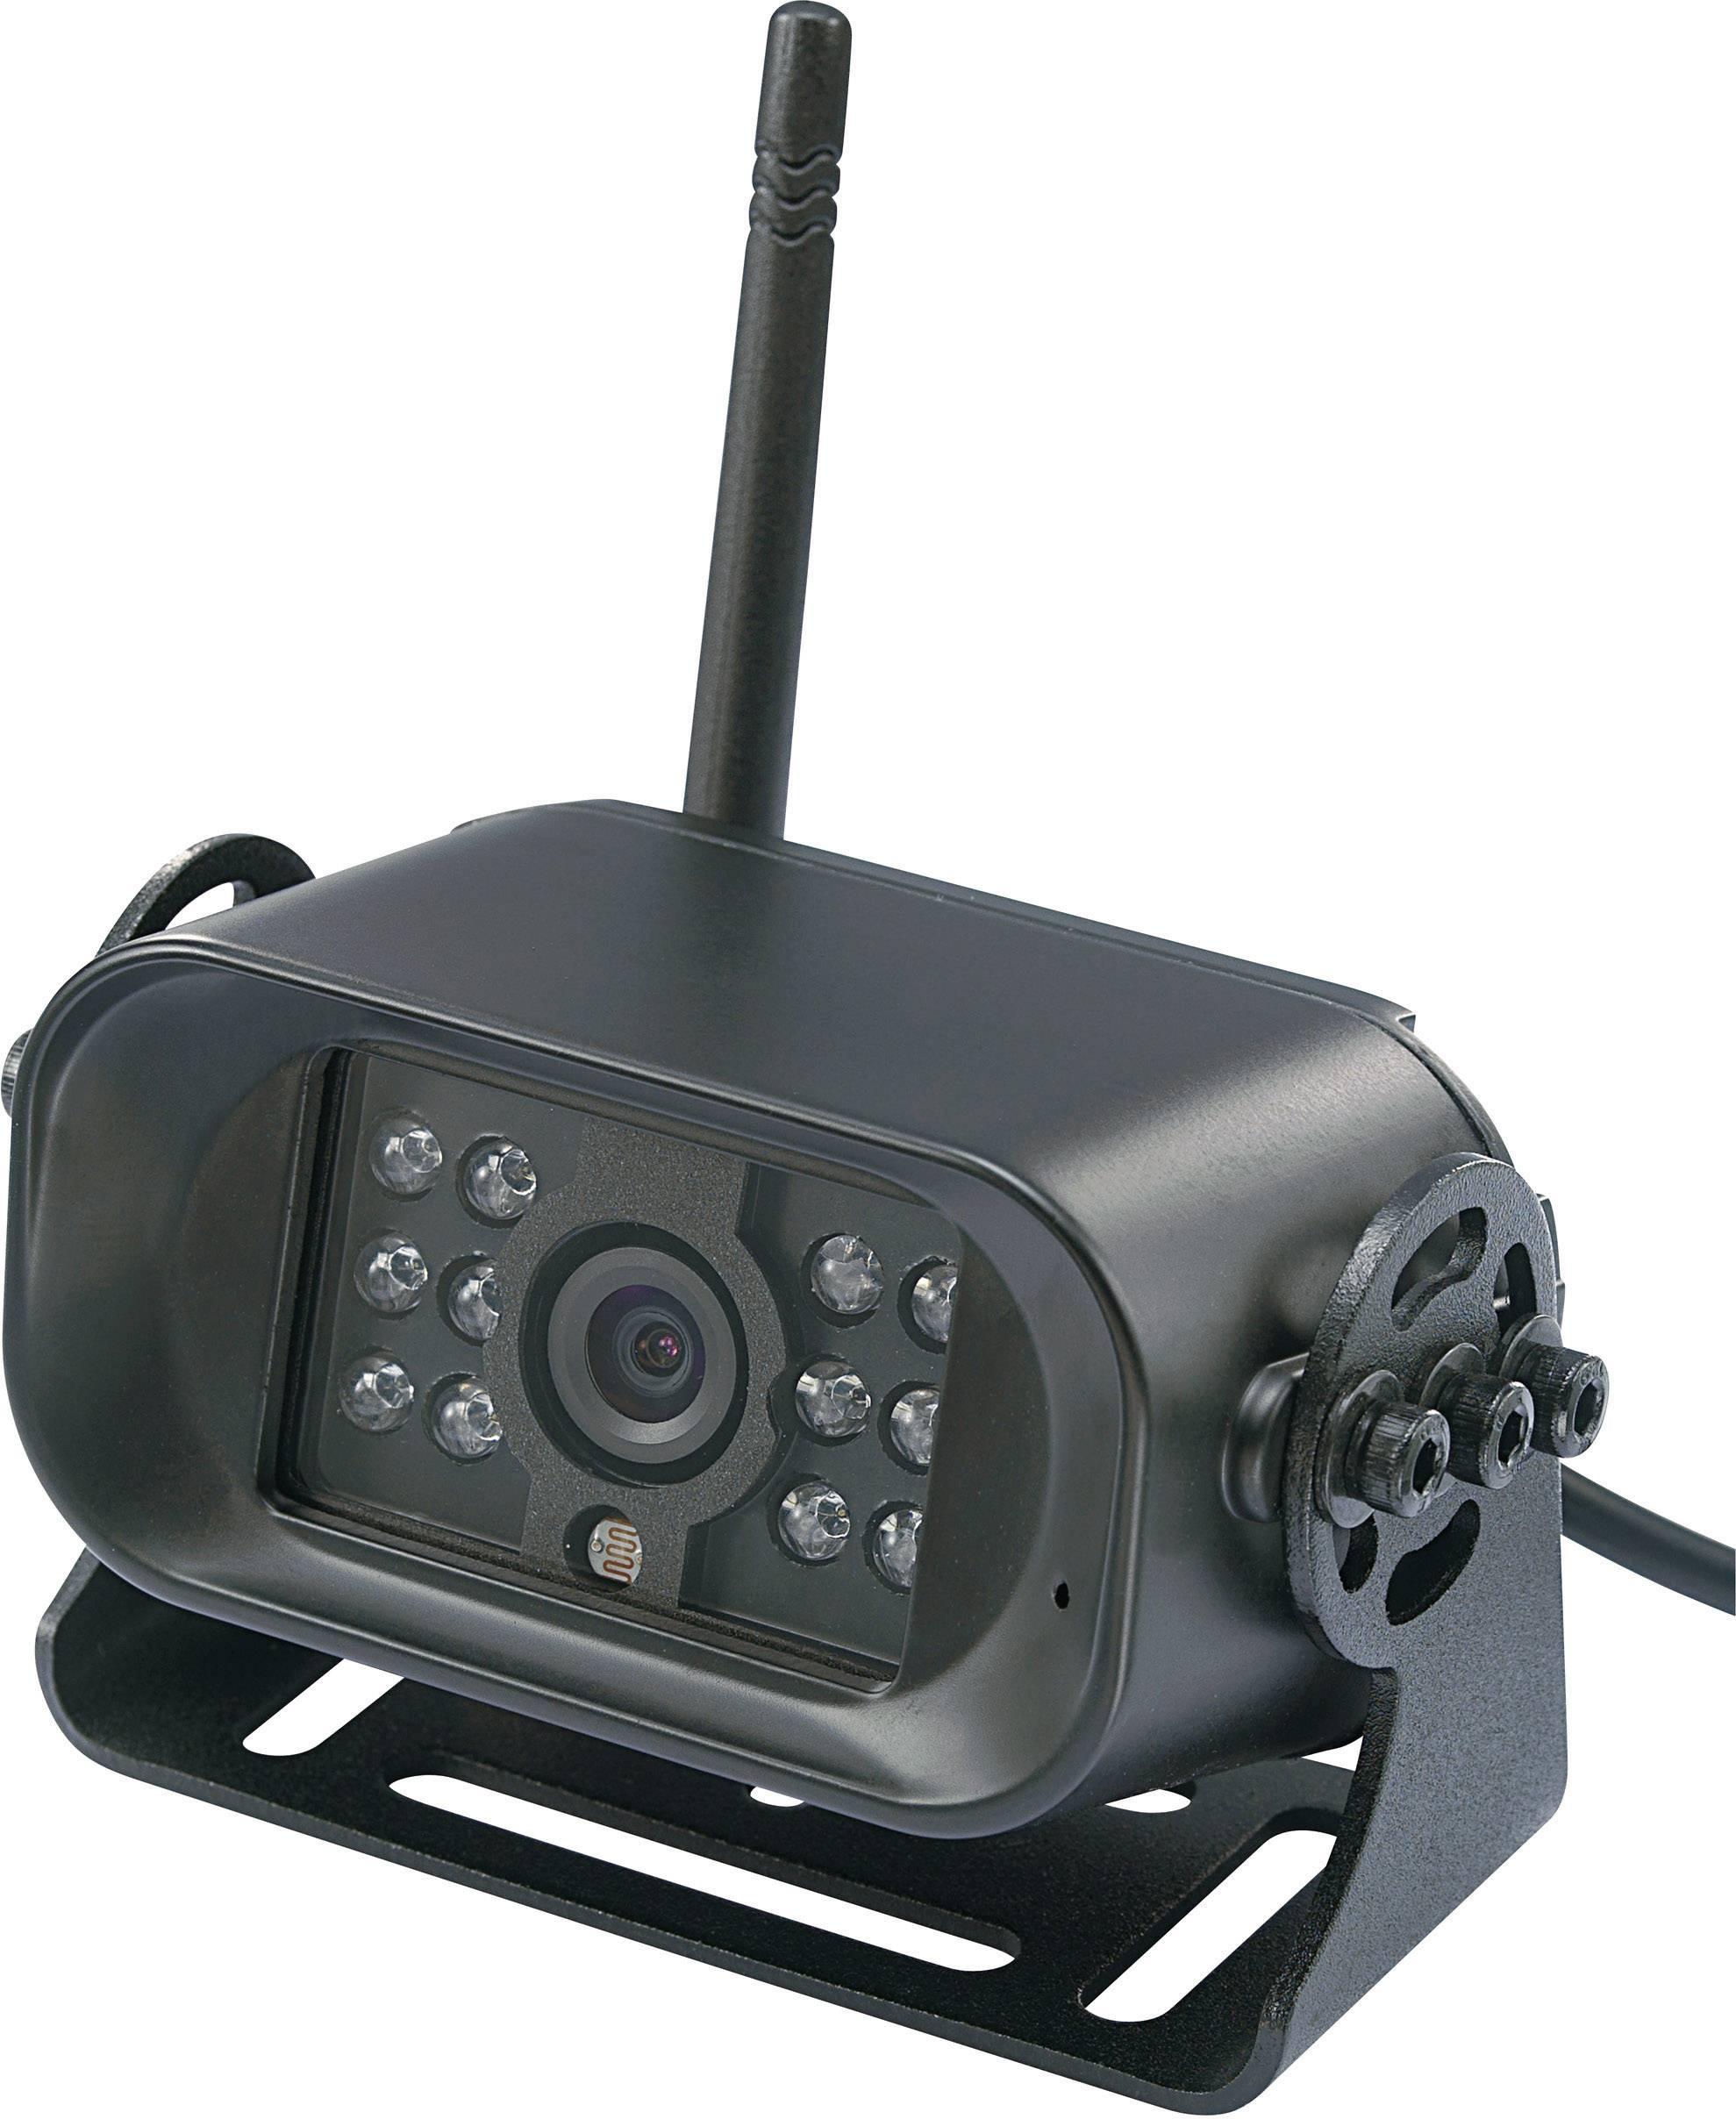 Bezdrôtová cúvacia kamera zabudovaná do ŠPZ podložky FFKK3 (Kanal 3)